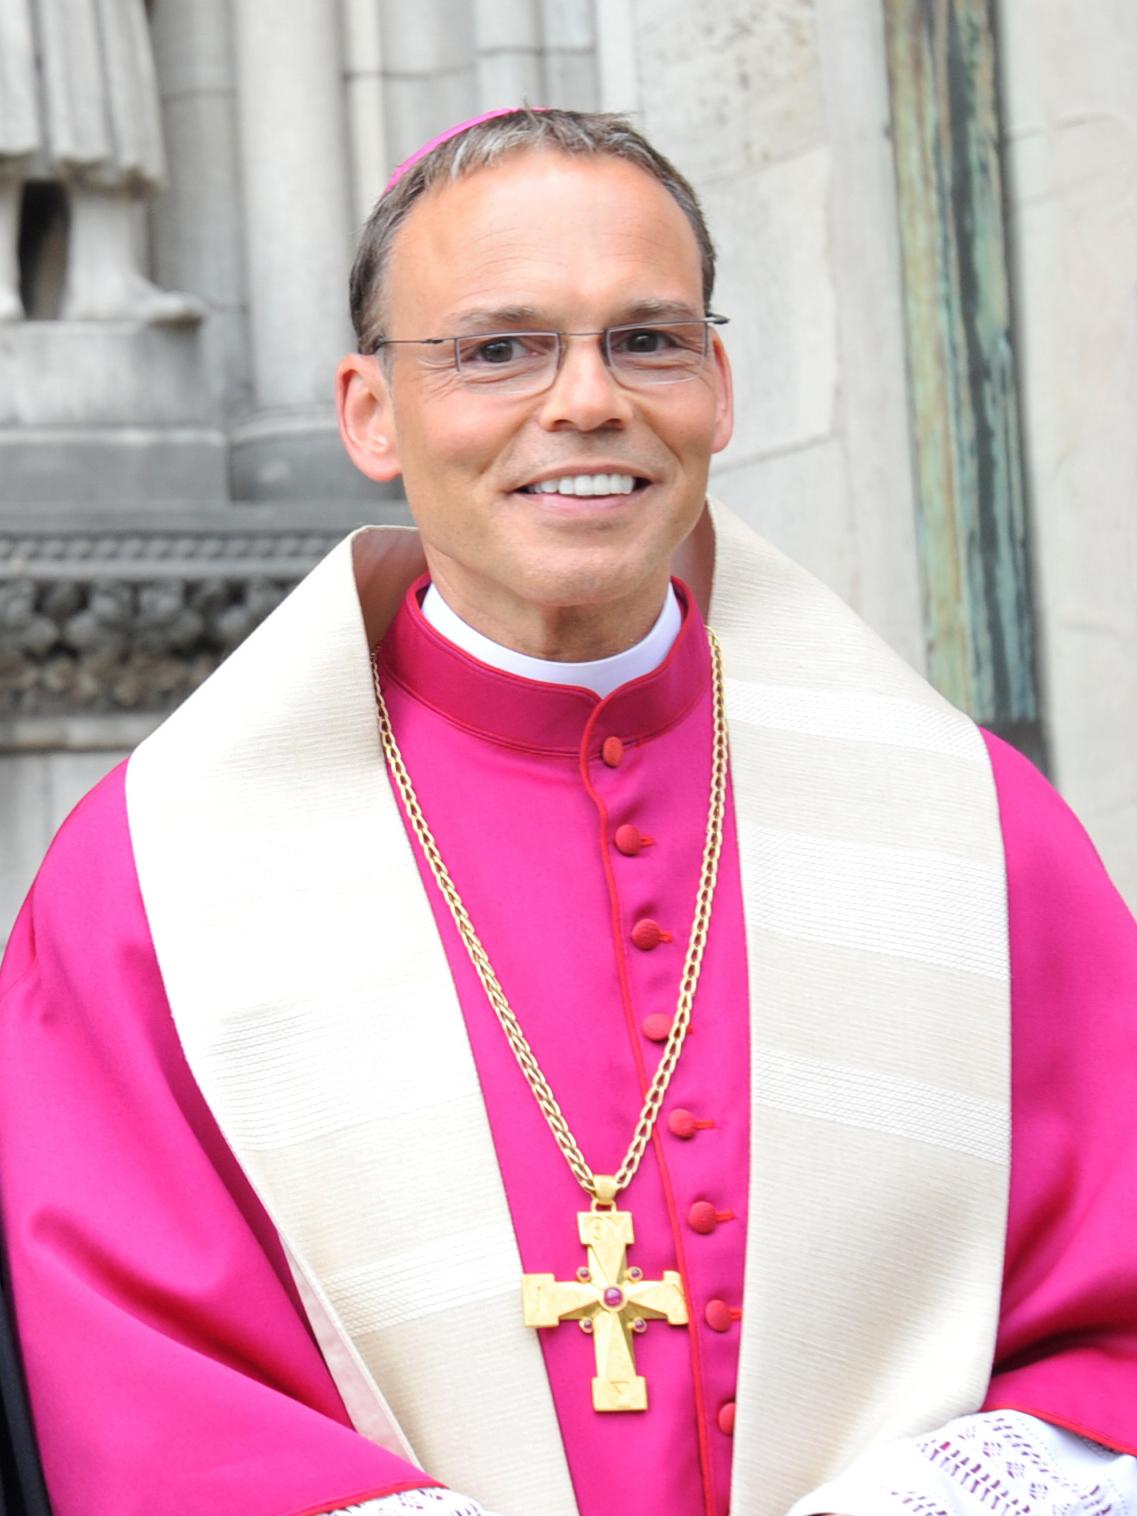 Bischof Franz-Peter Tebartz-van Elst.jpg